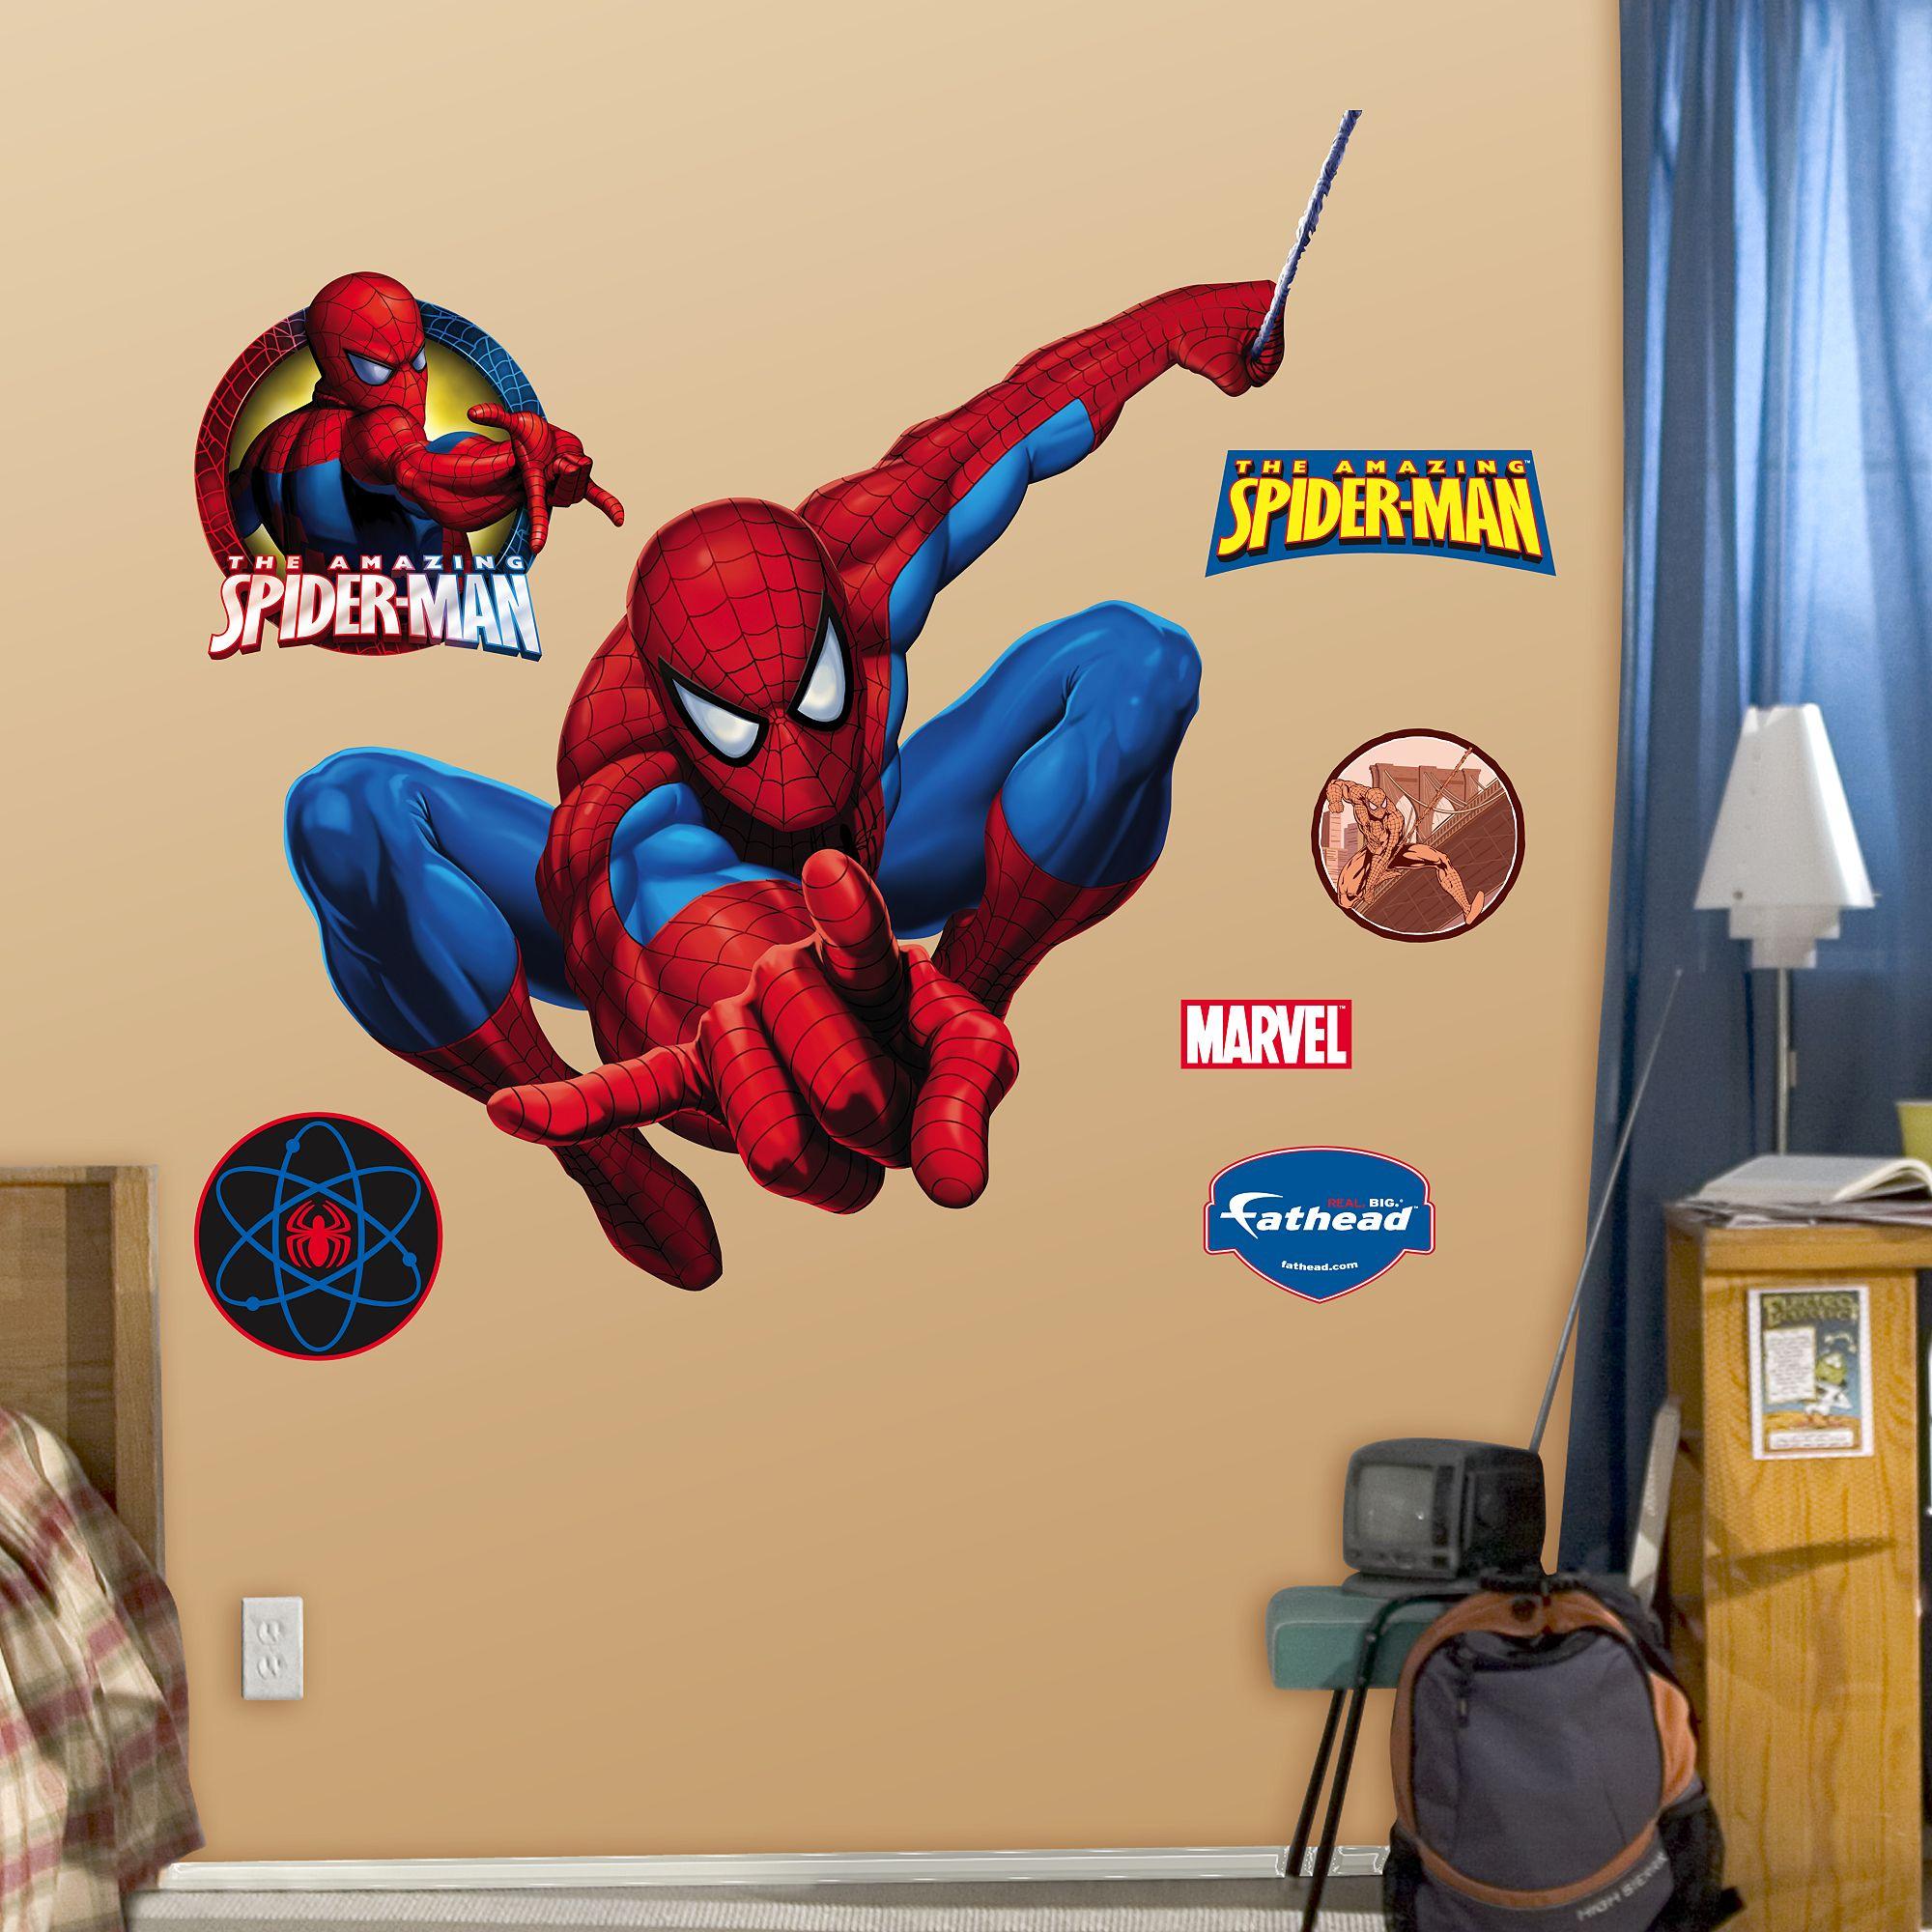 Fathead Spider-Man: Hero Fathead